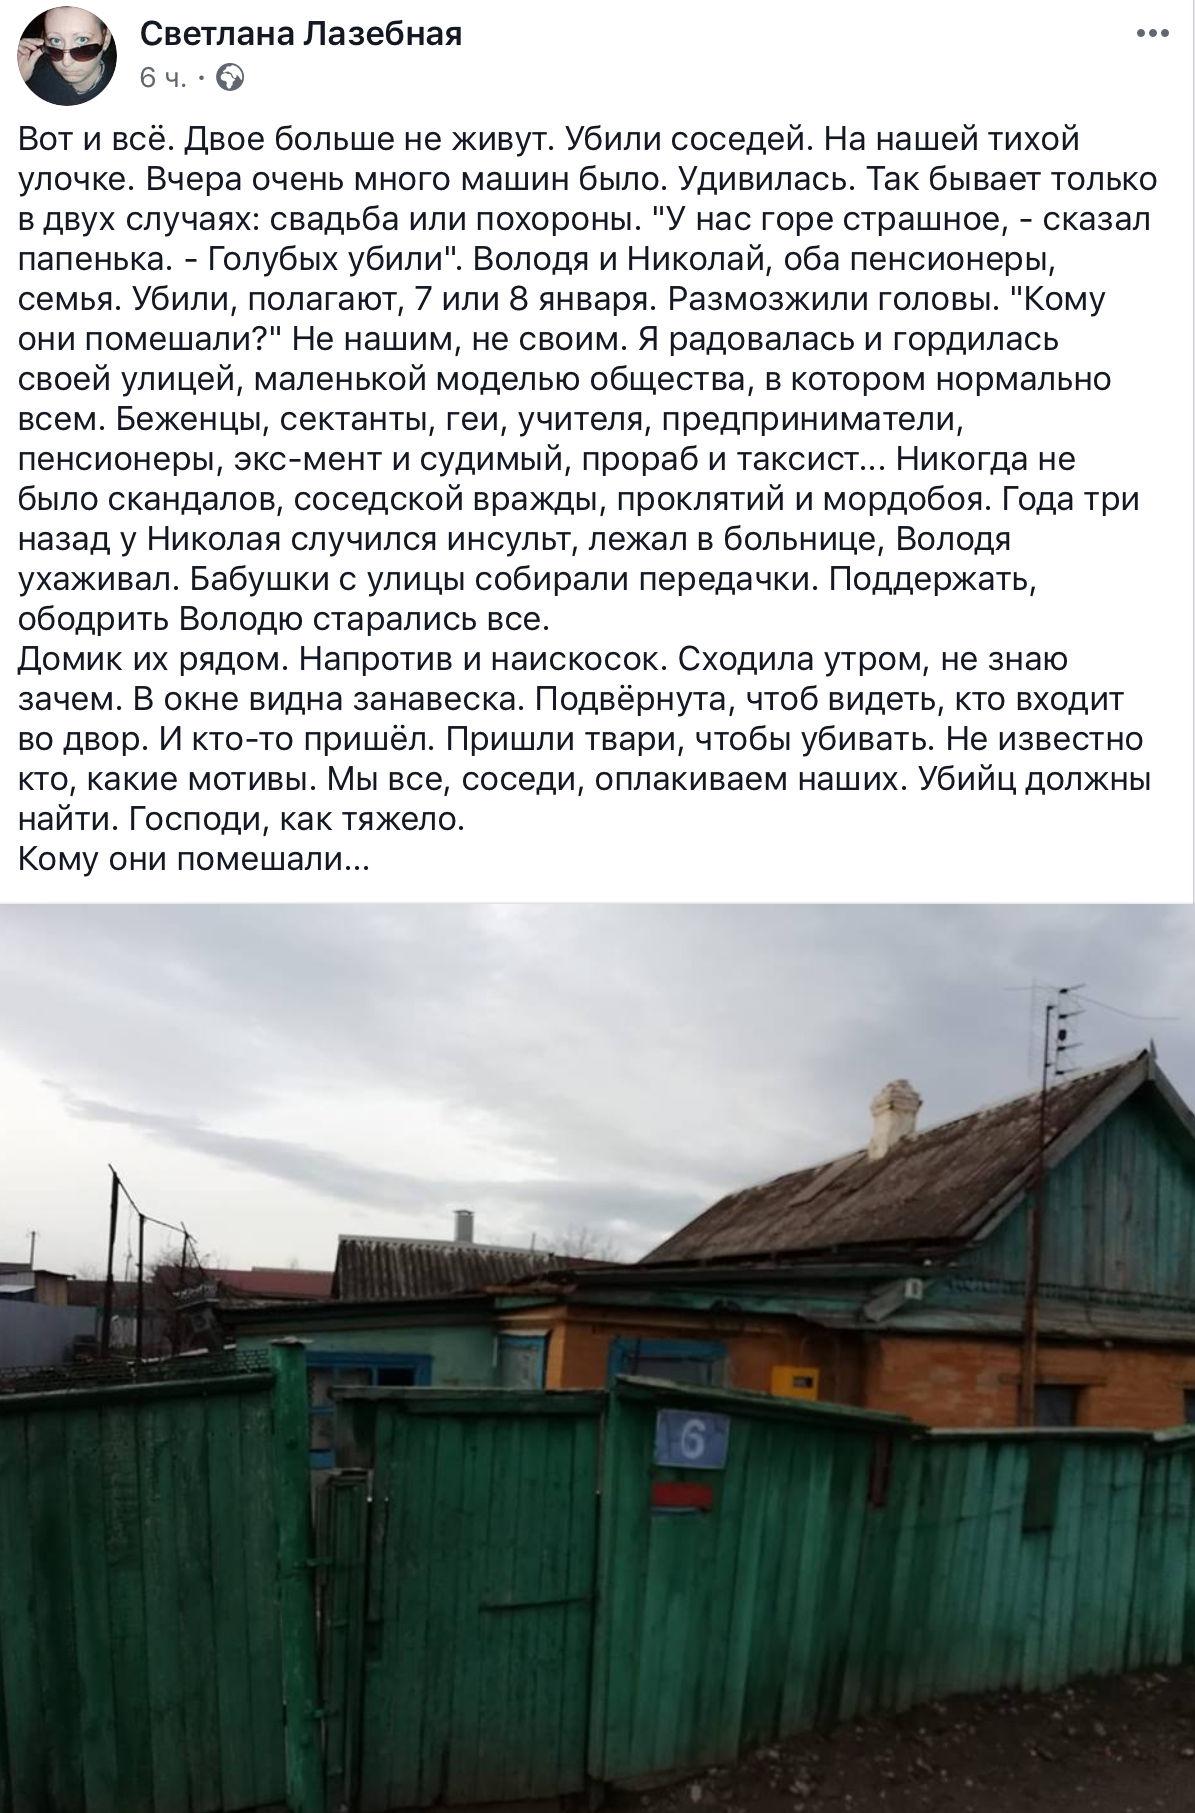 ©Скриншот со страницы Светланы Лазебной, facebook.com/profile.php?id=100000987007942